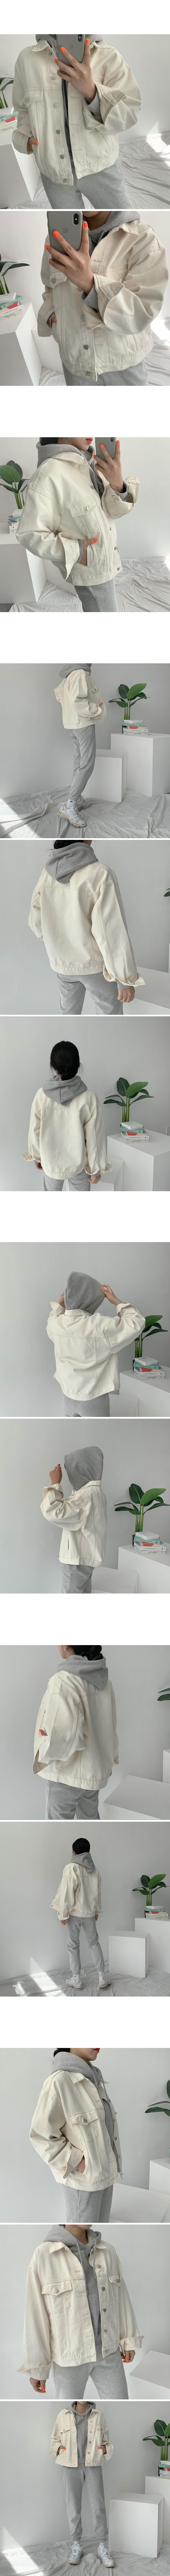 Low-Cream Jacket